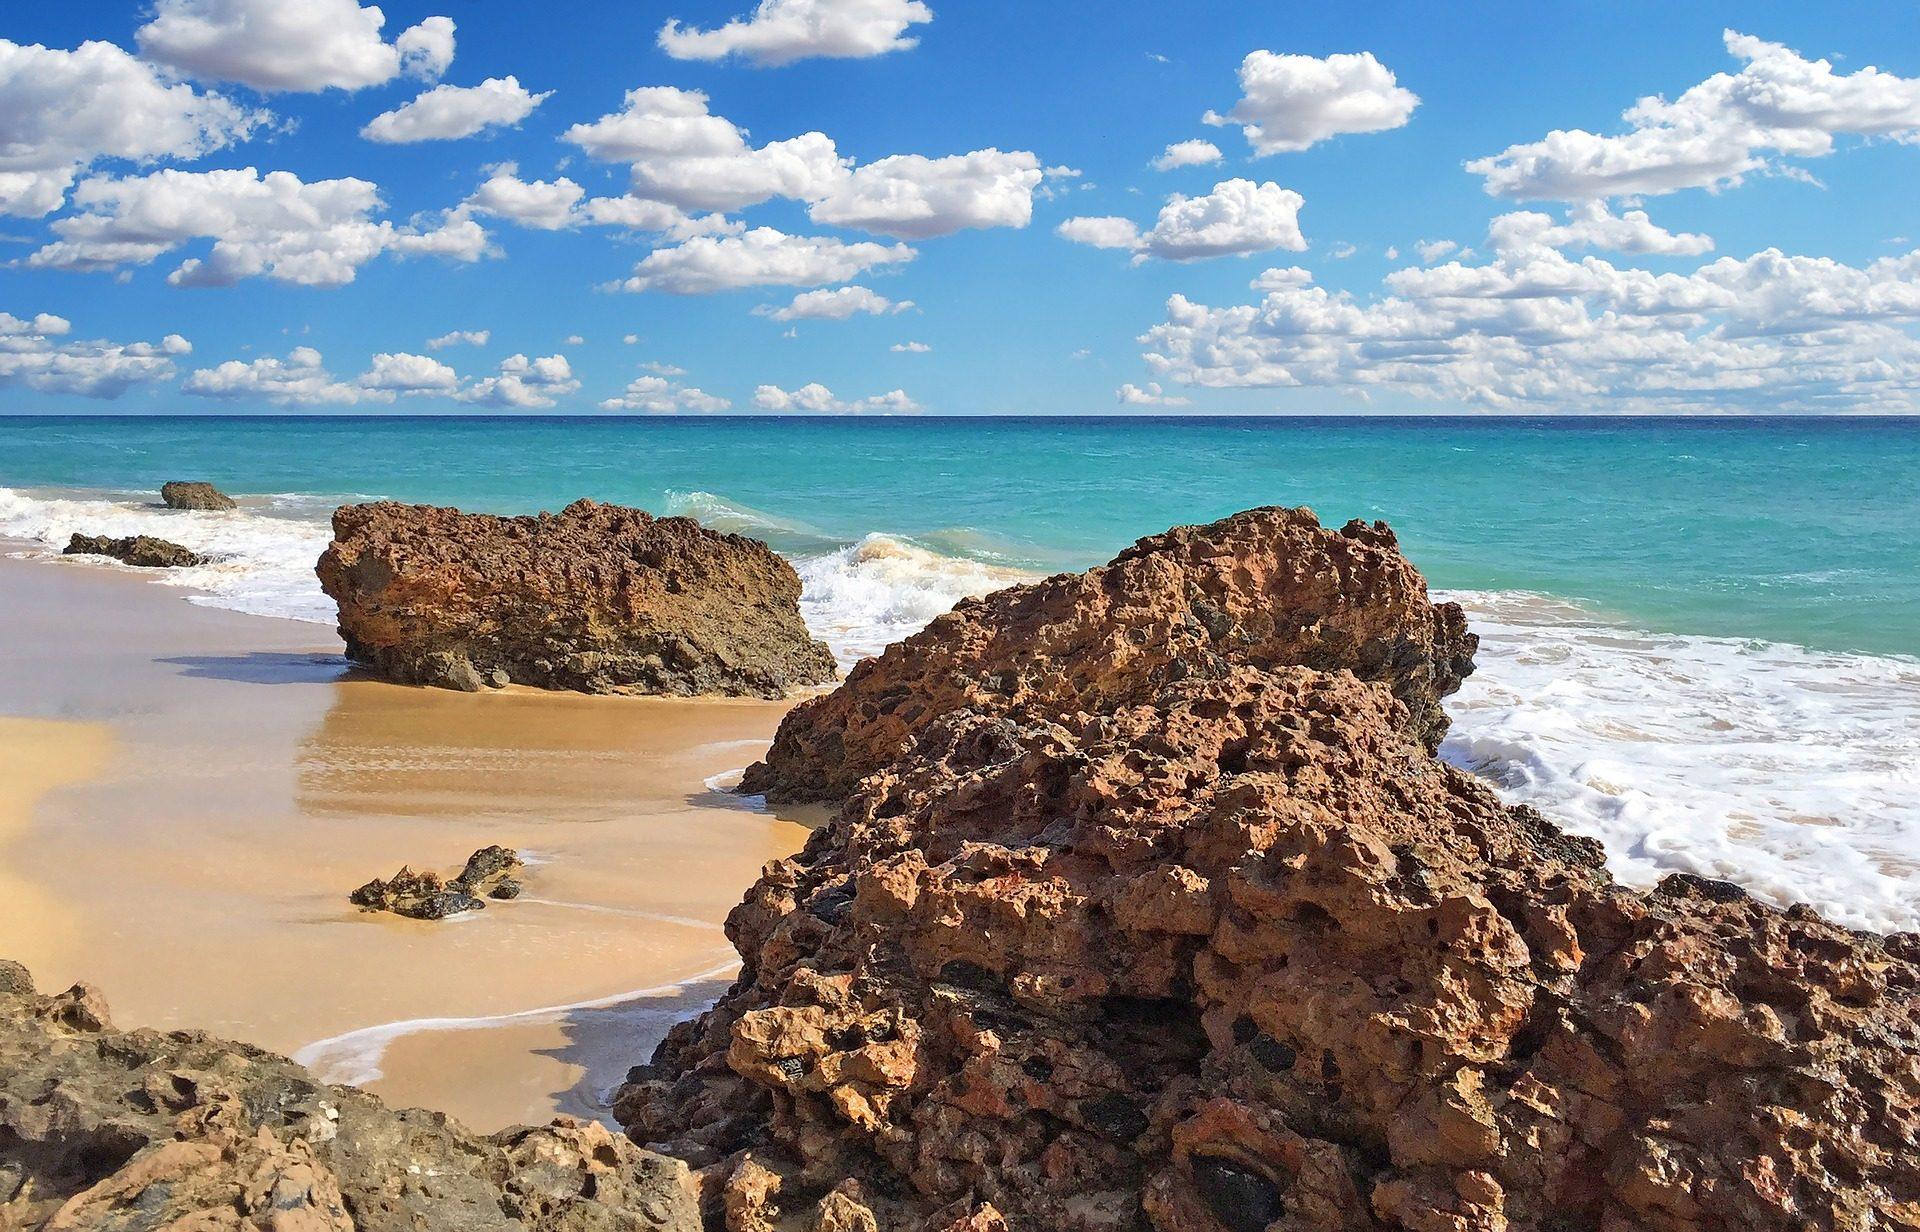 Пляж, Море, Rocas, камни, песок, облака, Небо - Обои HD - Профессор falken.com